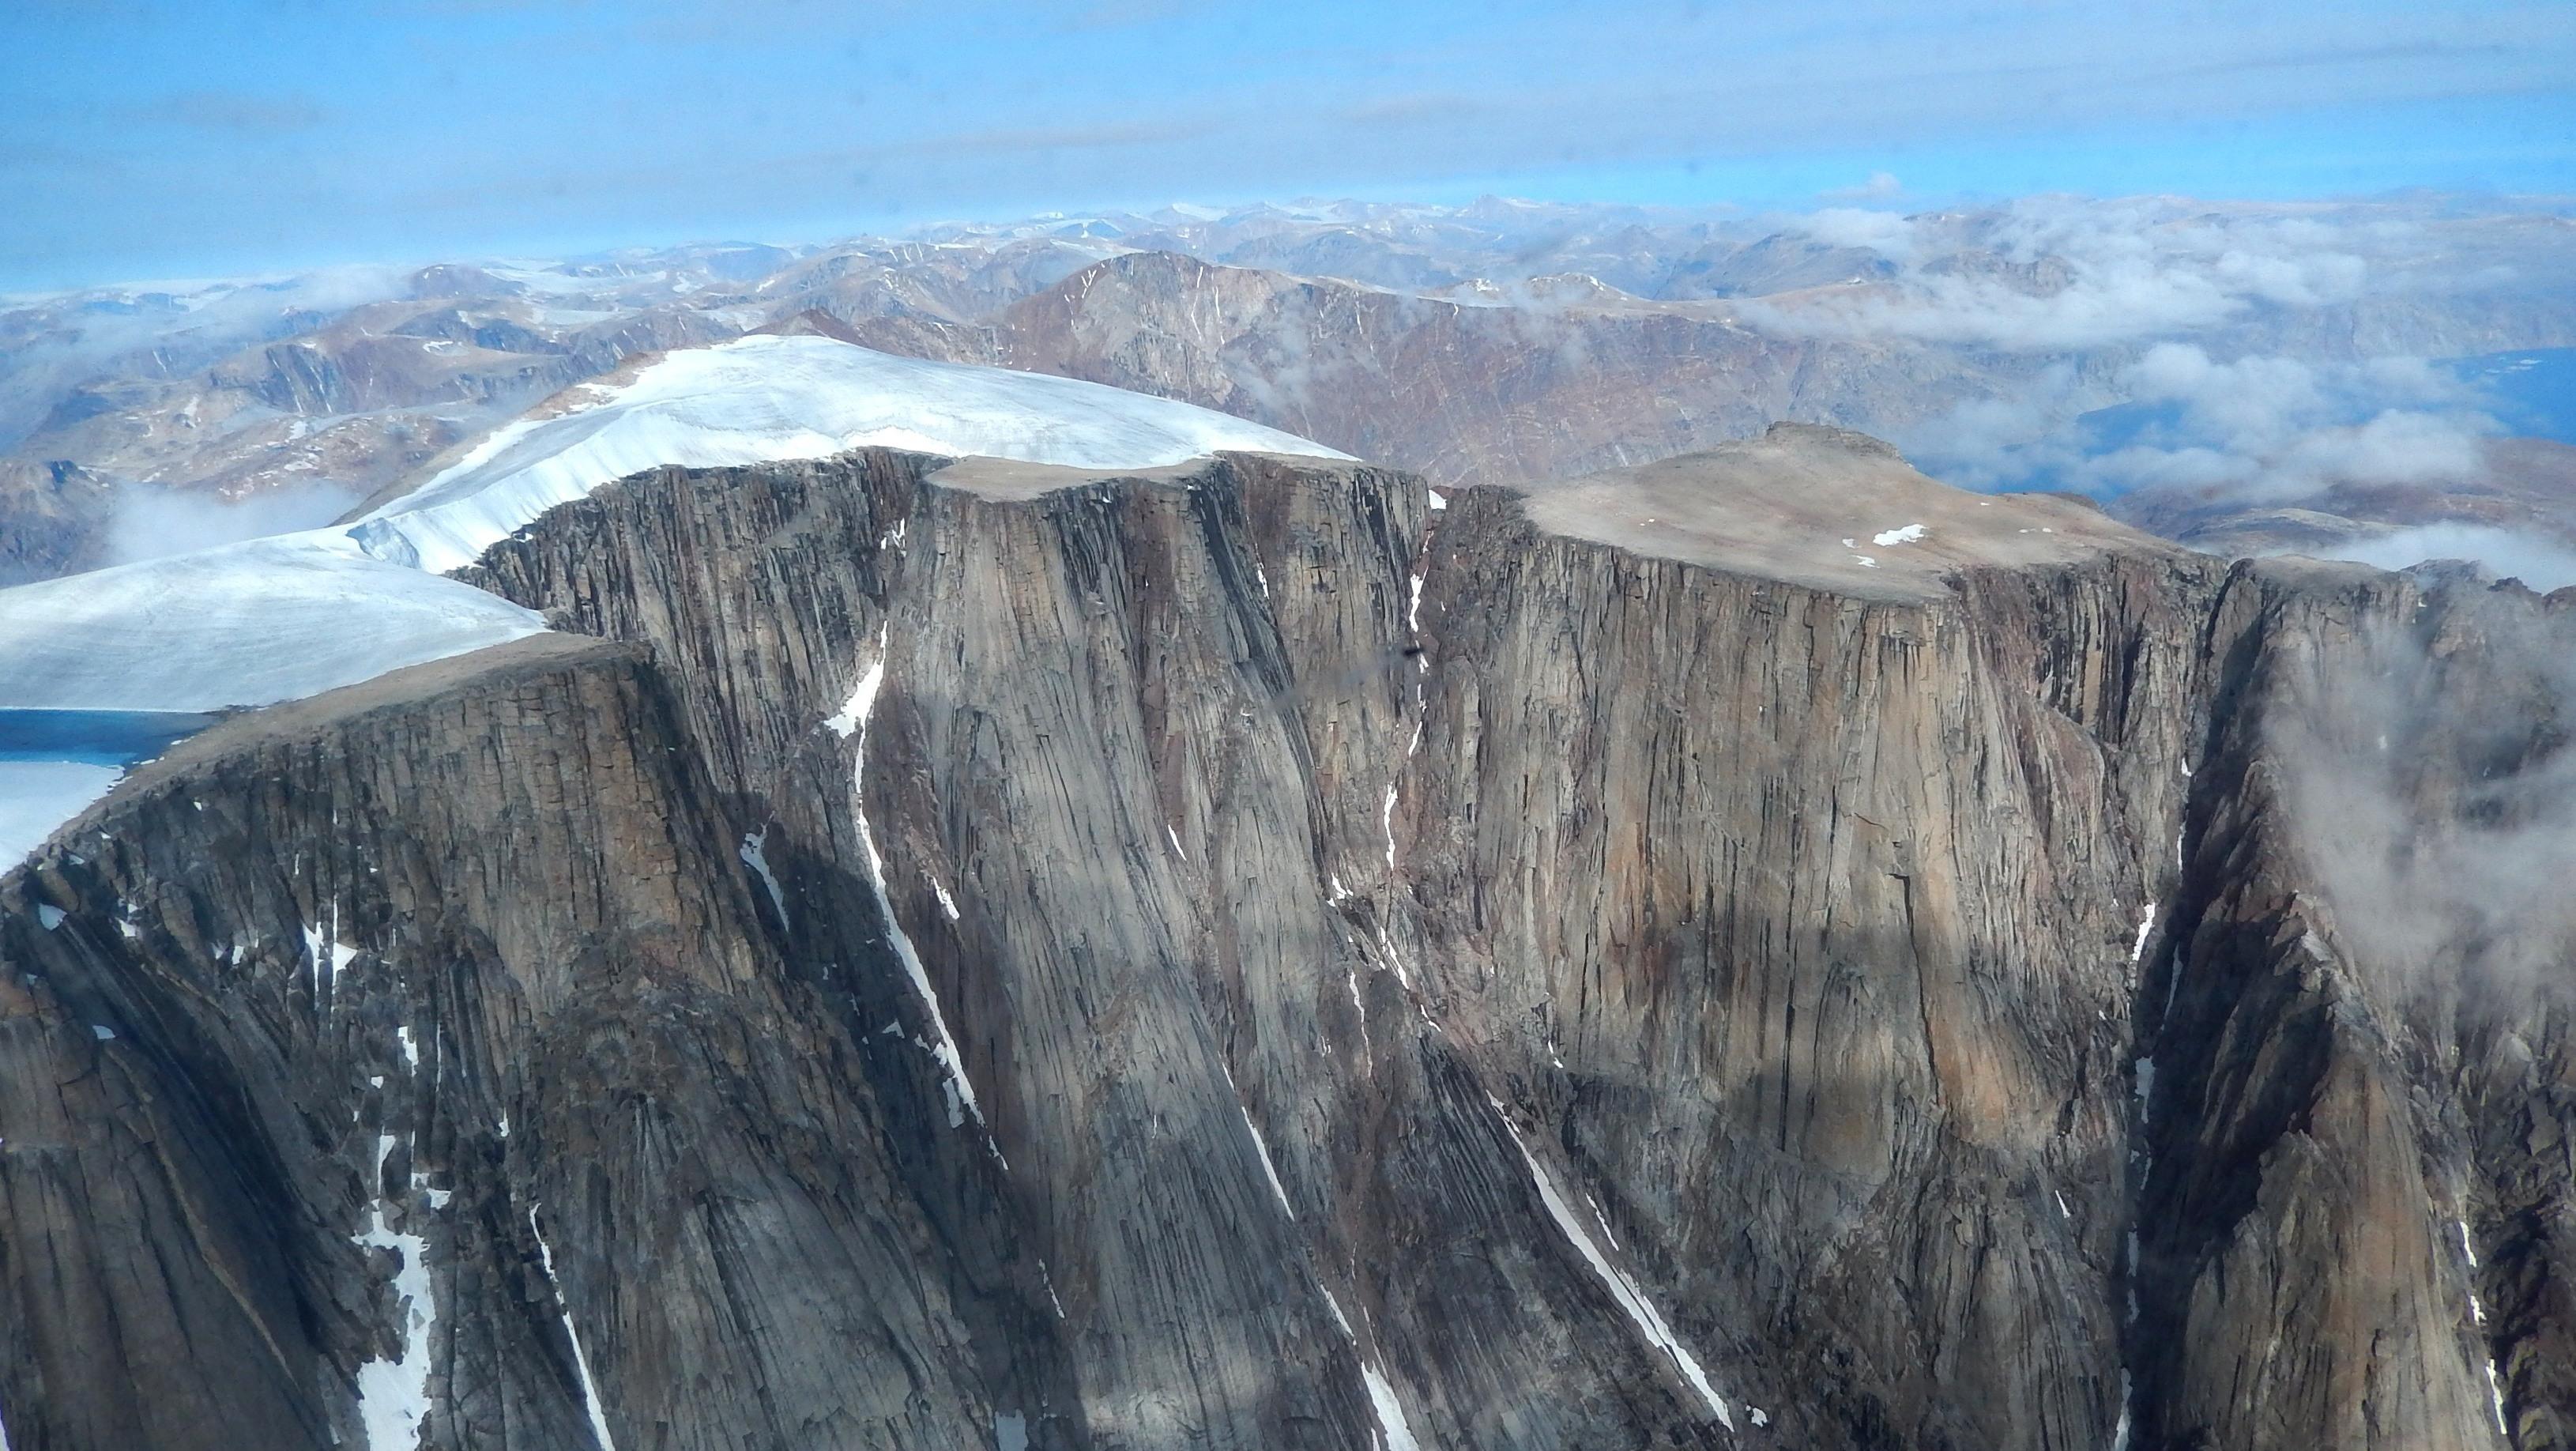 Глобальное потепление: в Канаде открылись ландшафты, которые были покрыты льдом десятки тысяч лет